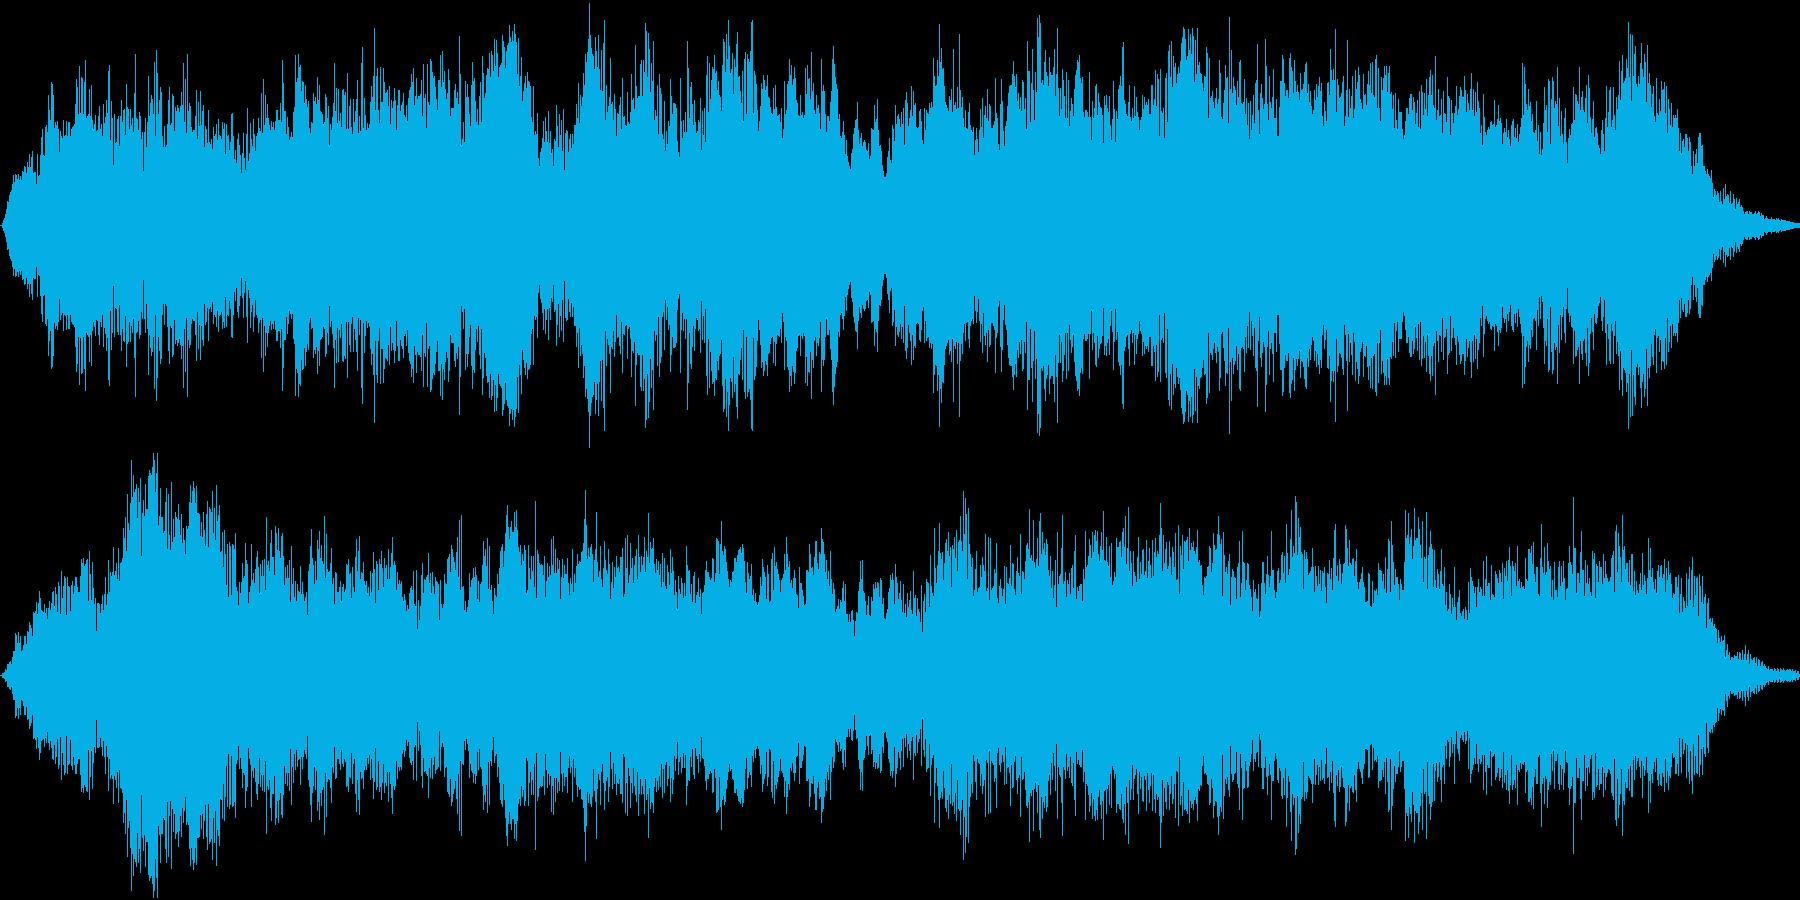 優しく懐かしい唱歌「故郷」弦楽合奏15sの再生済みの波形